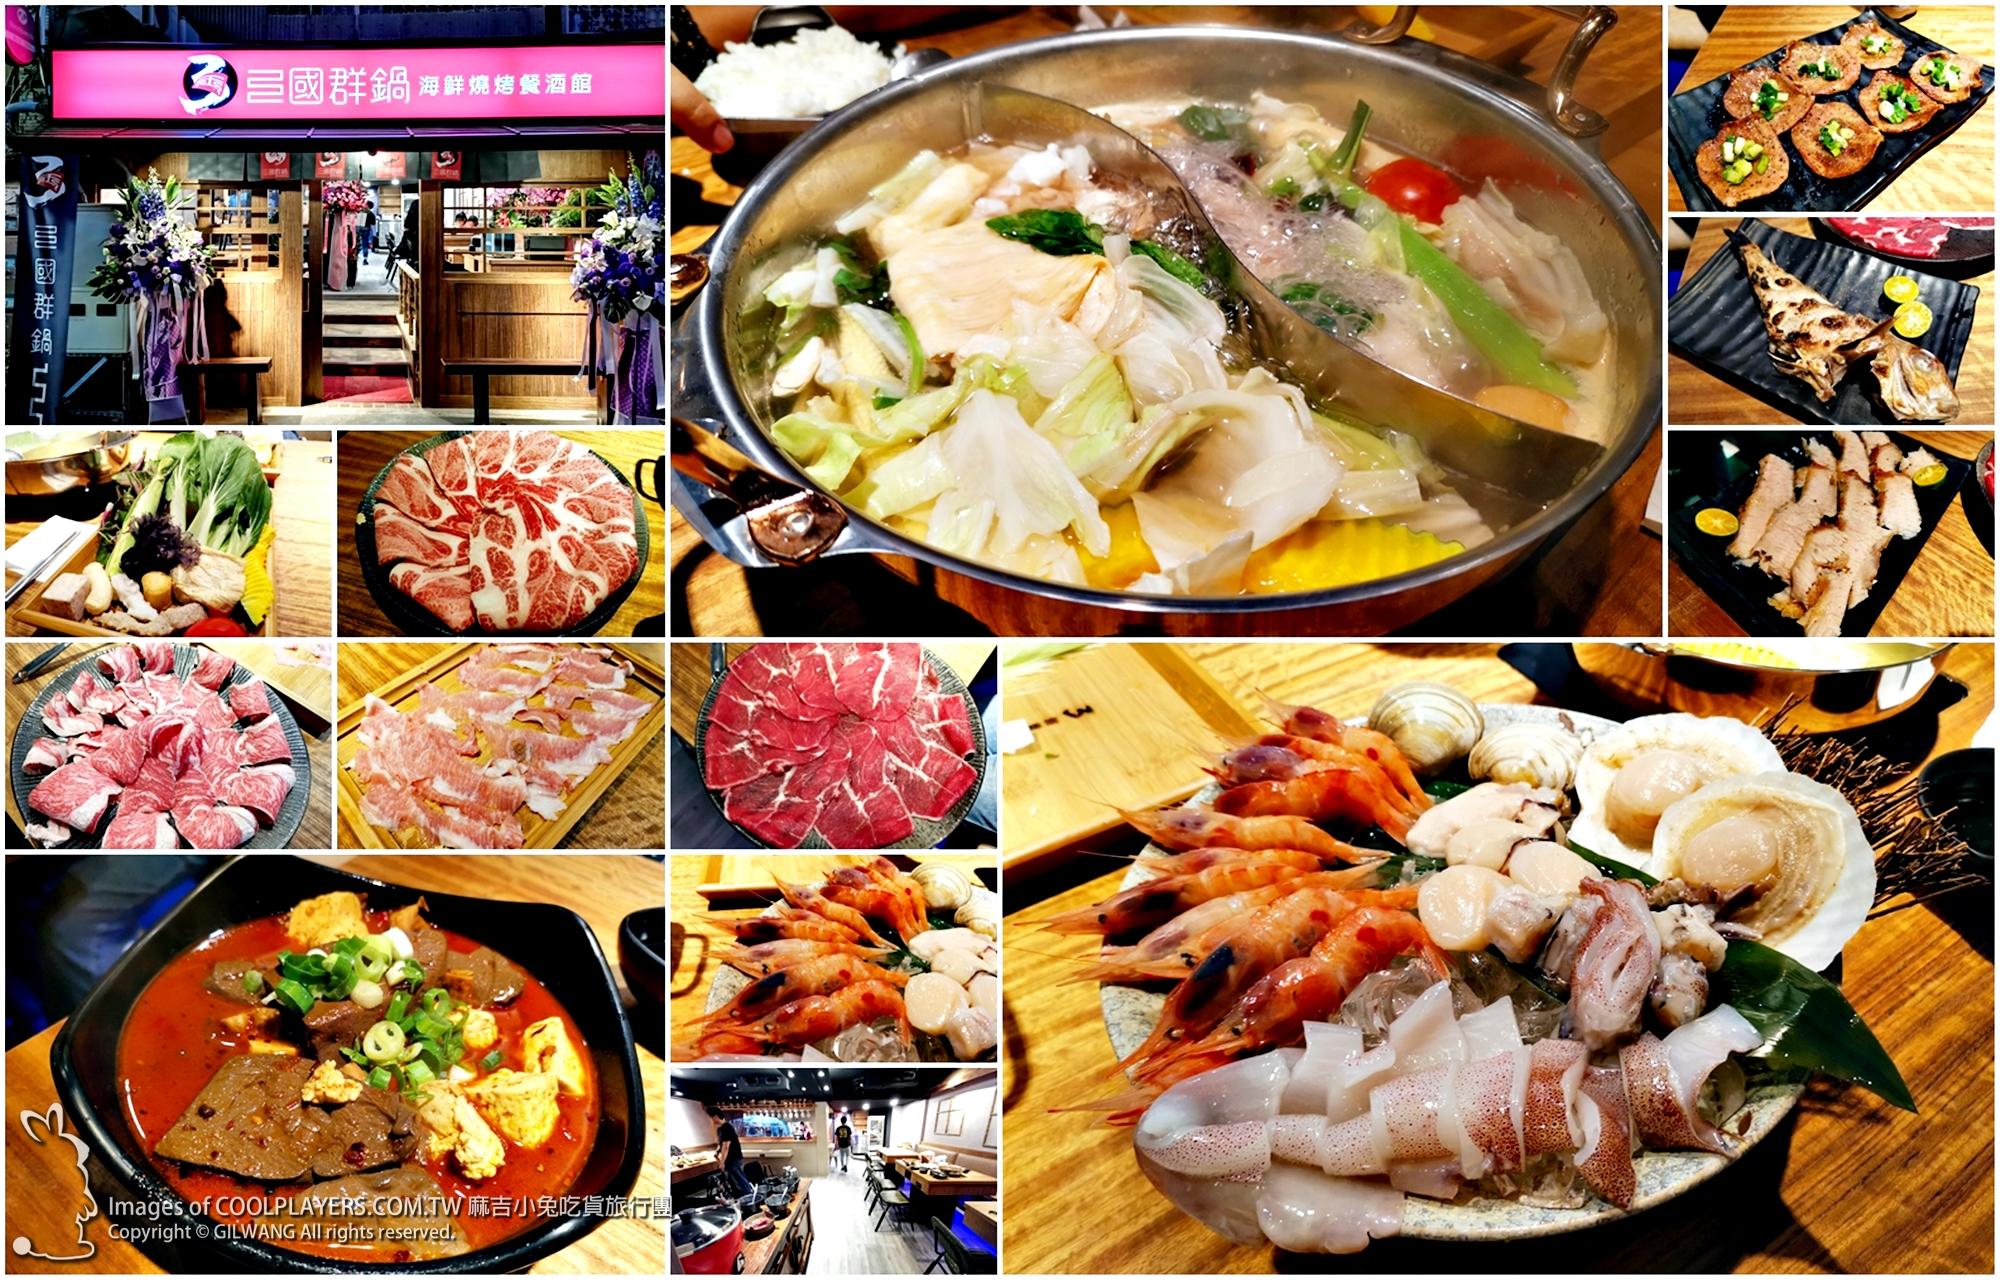 試吃體驗:老協珍烏參佛跳牆(無附甕)高檔年菜輕鬆食! @麻吉小兔吃貨旅行團